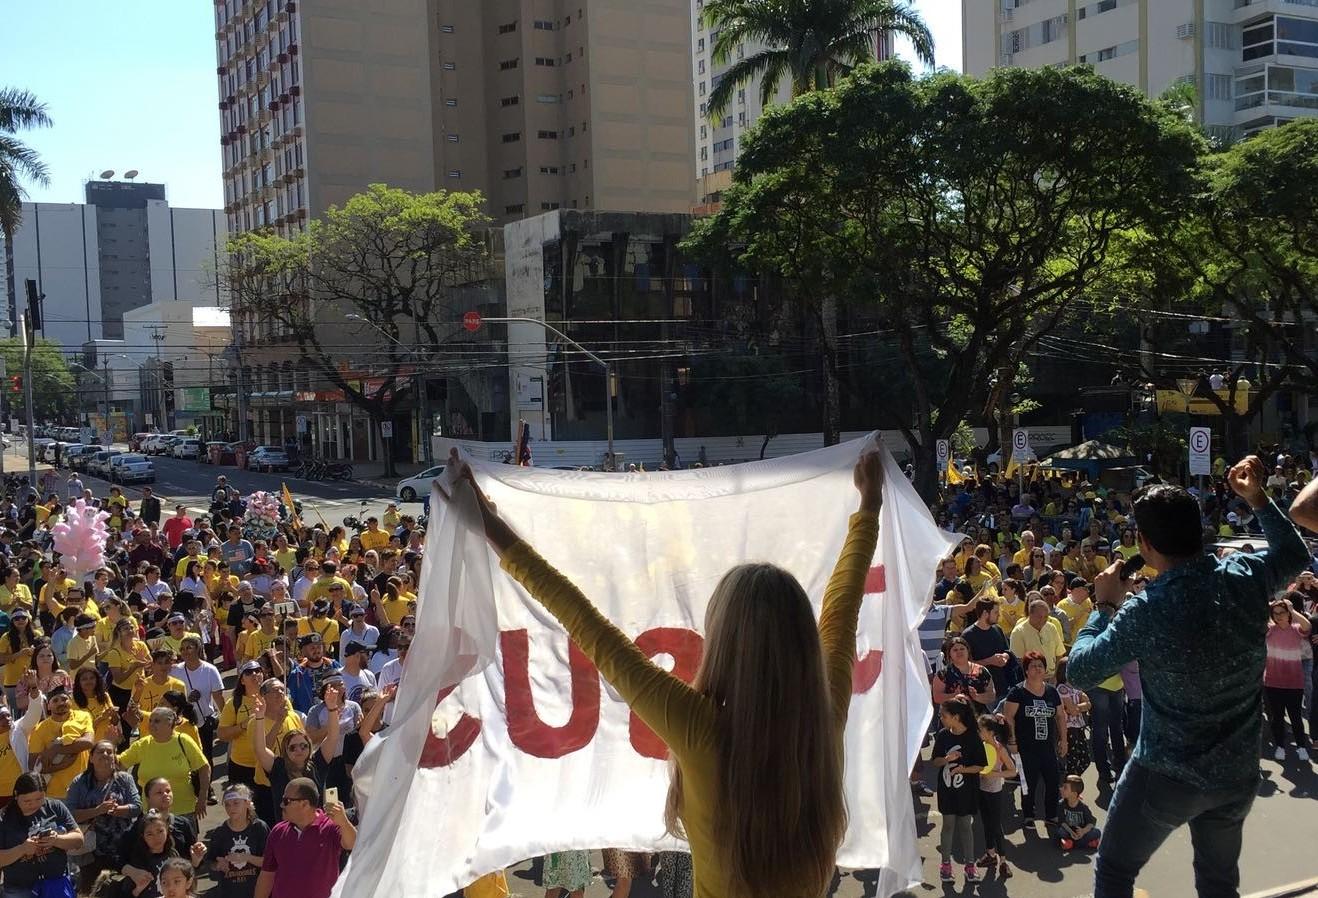 Marcha reúne evangélicos em Maringá